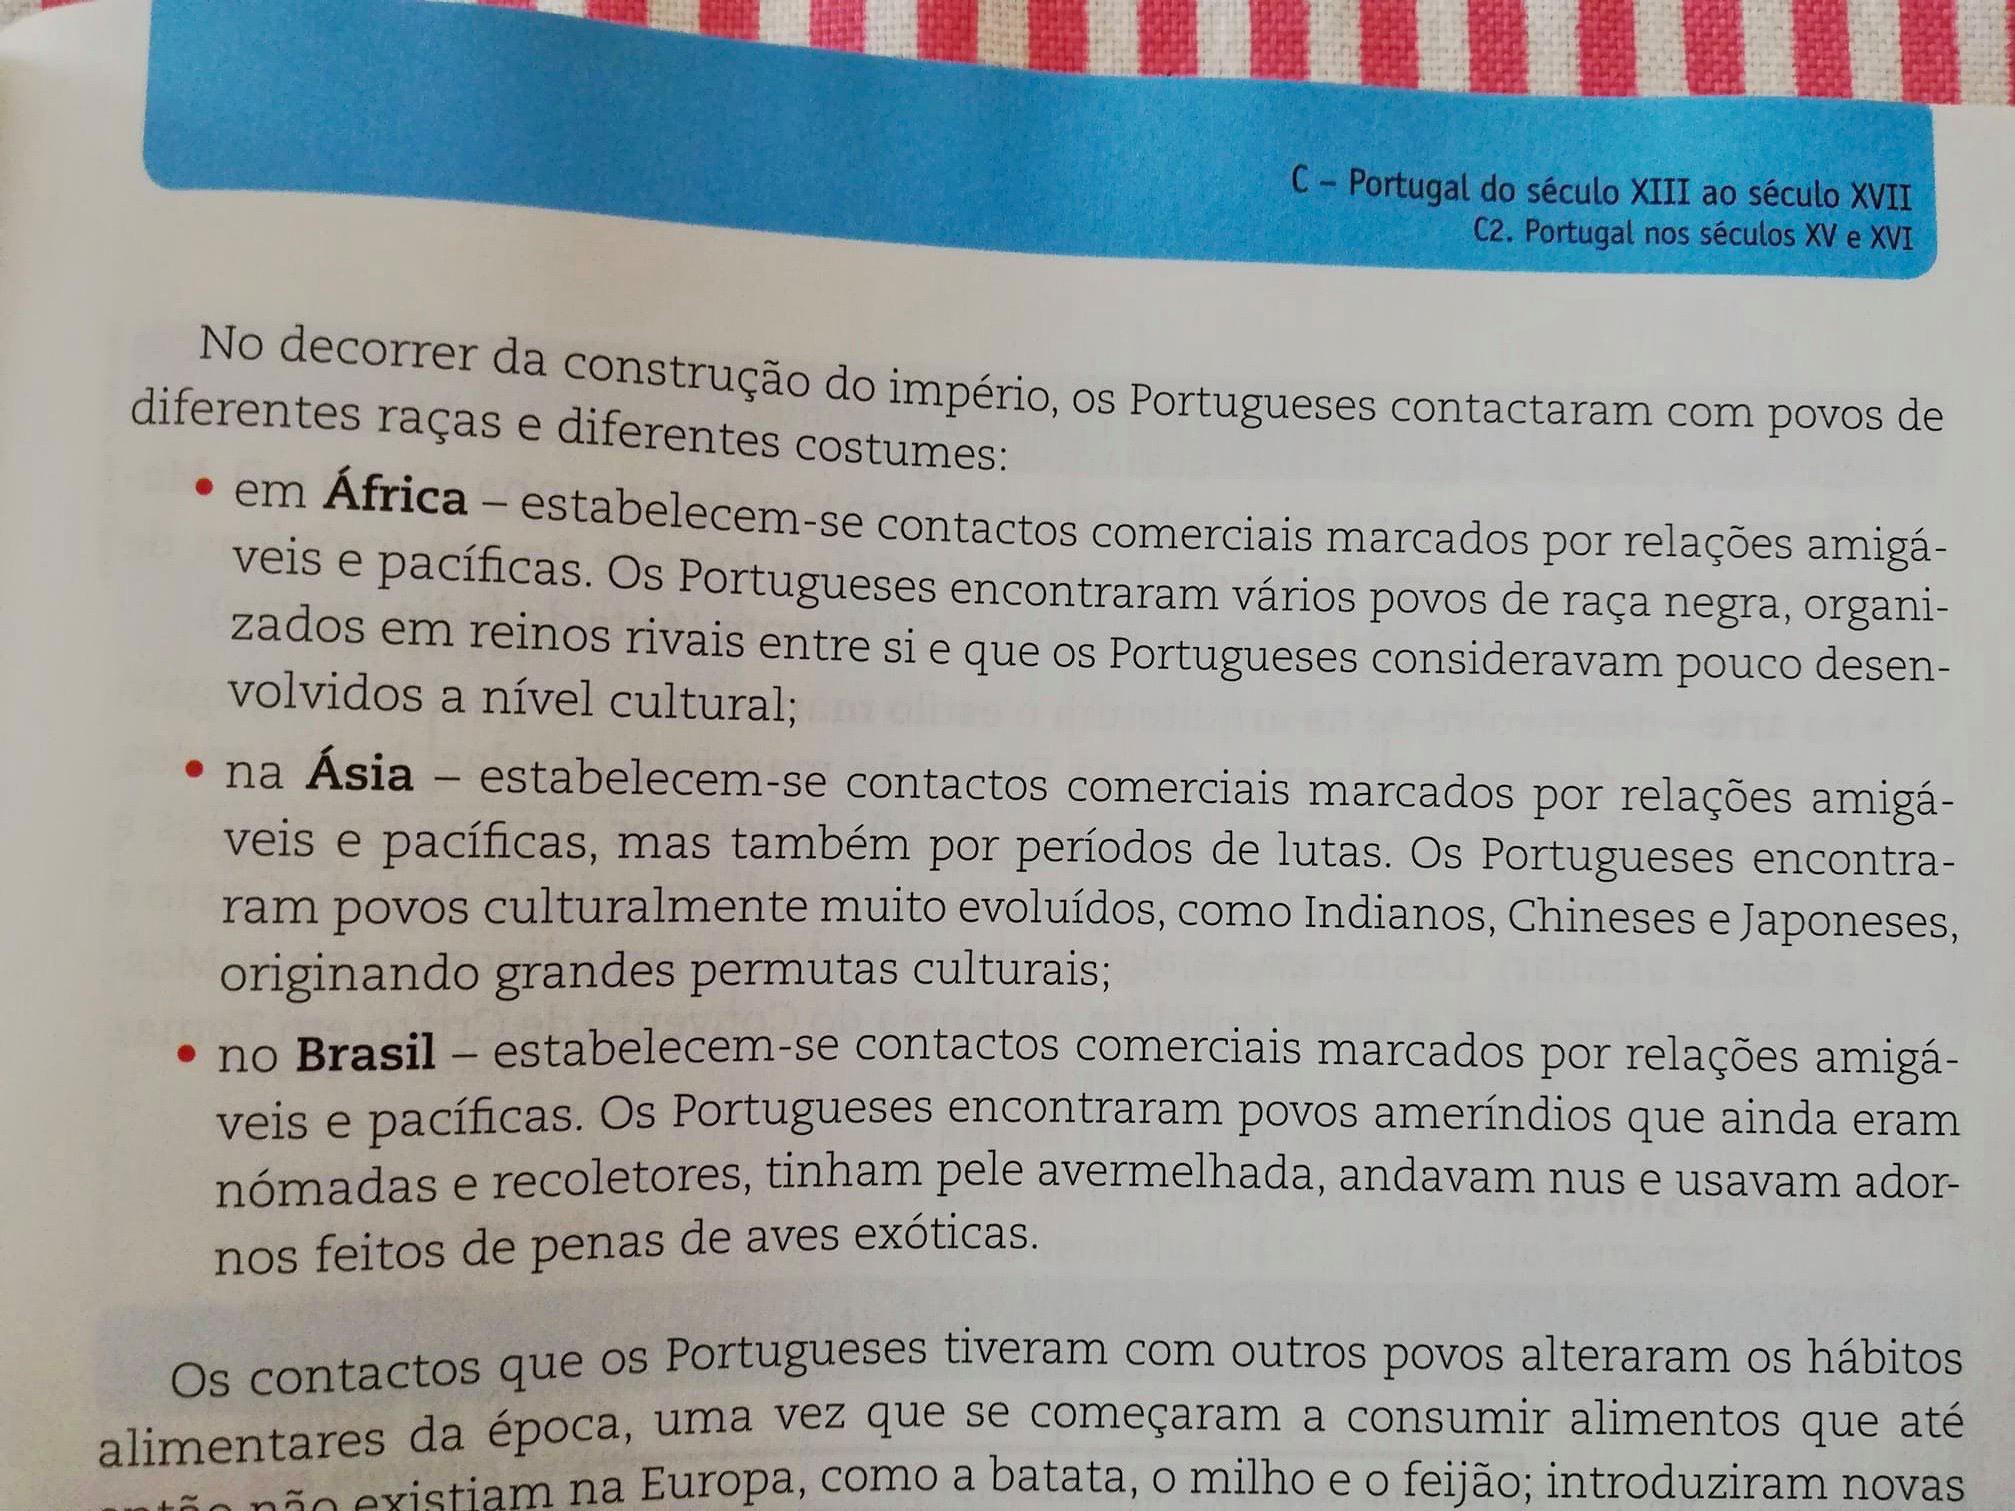 Excerto do manual de apoio às provas de aferição d Porto Editora